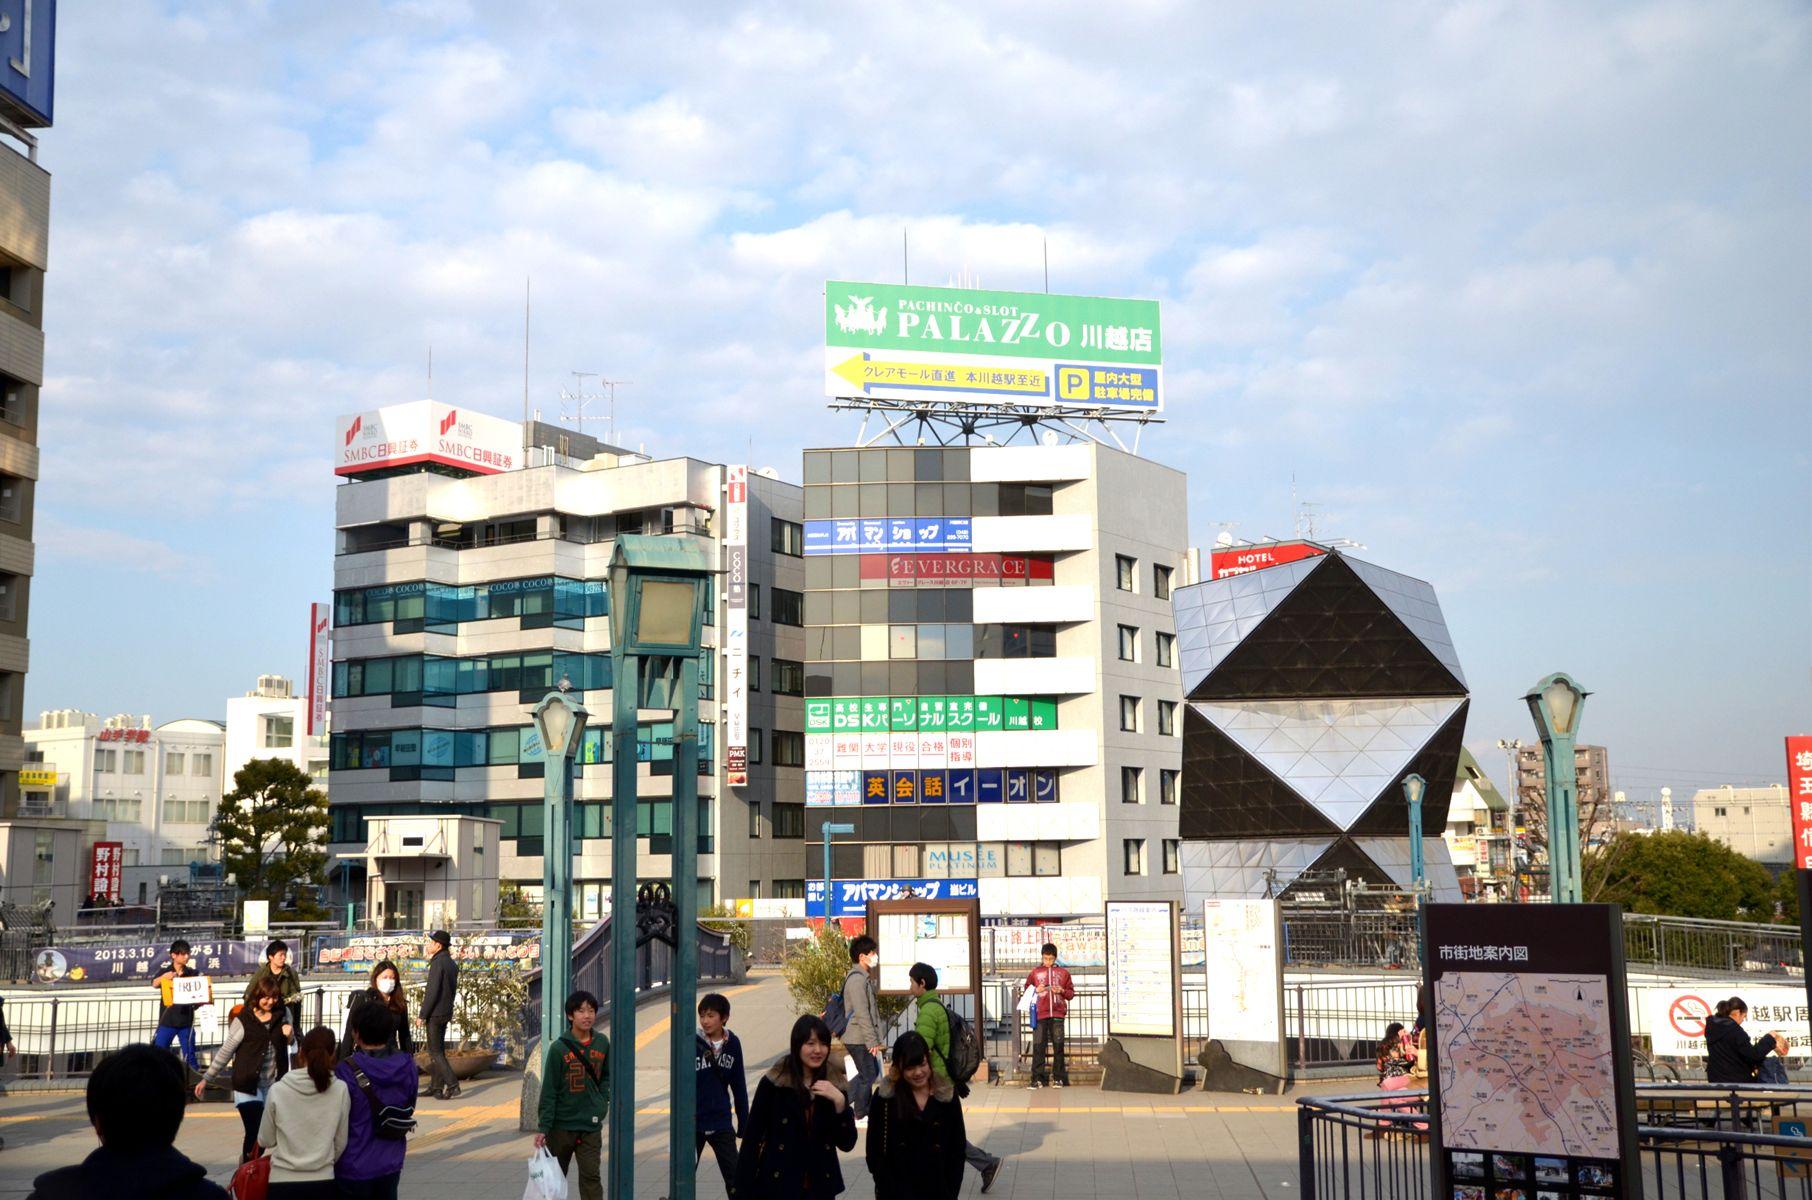 川越駅ロータリーが目の前